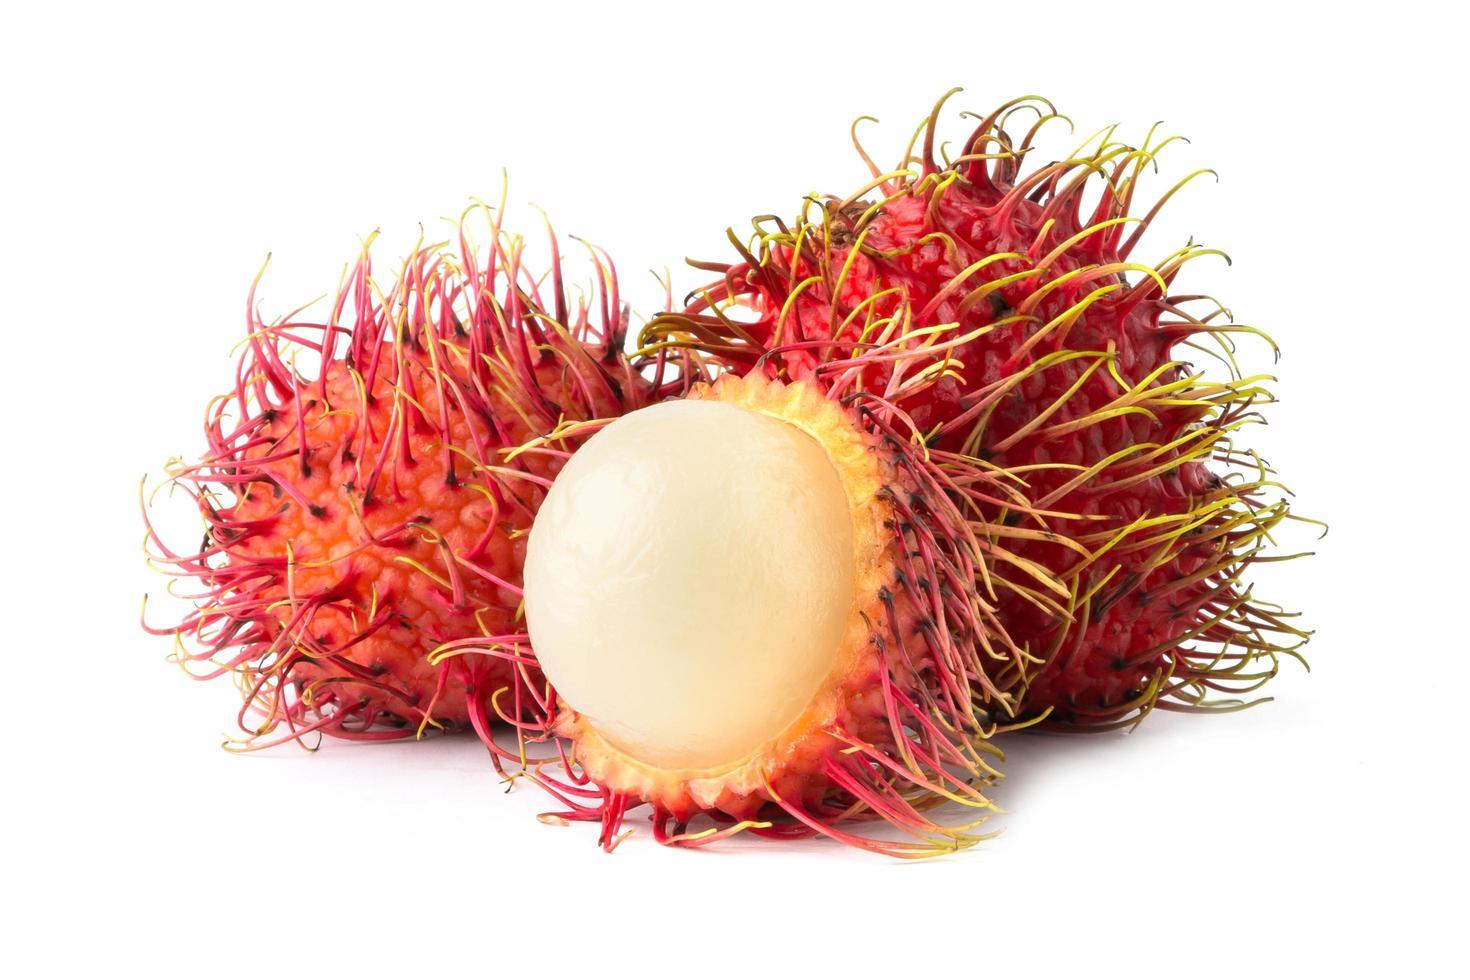 Rambutans auf weißem Hintergrund foto